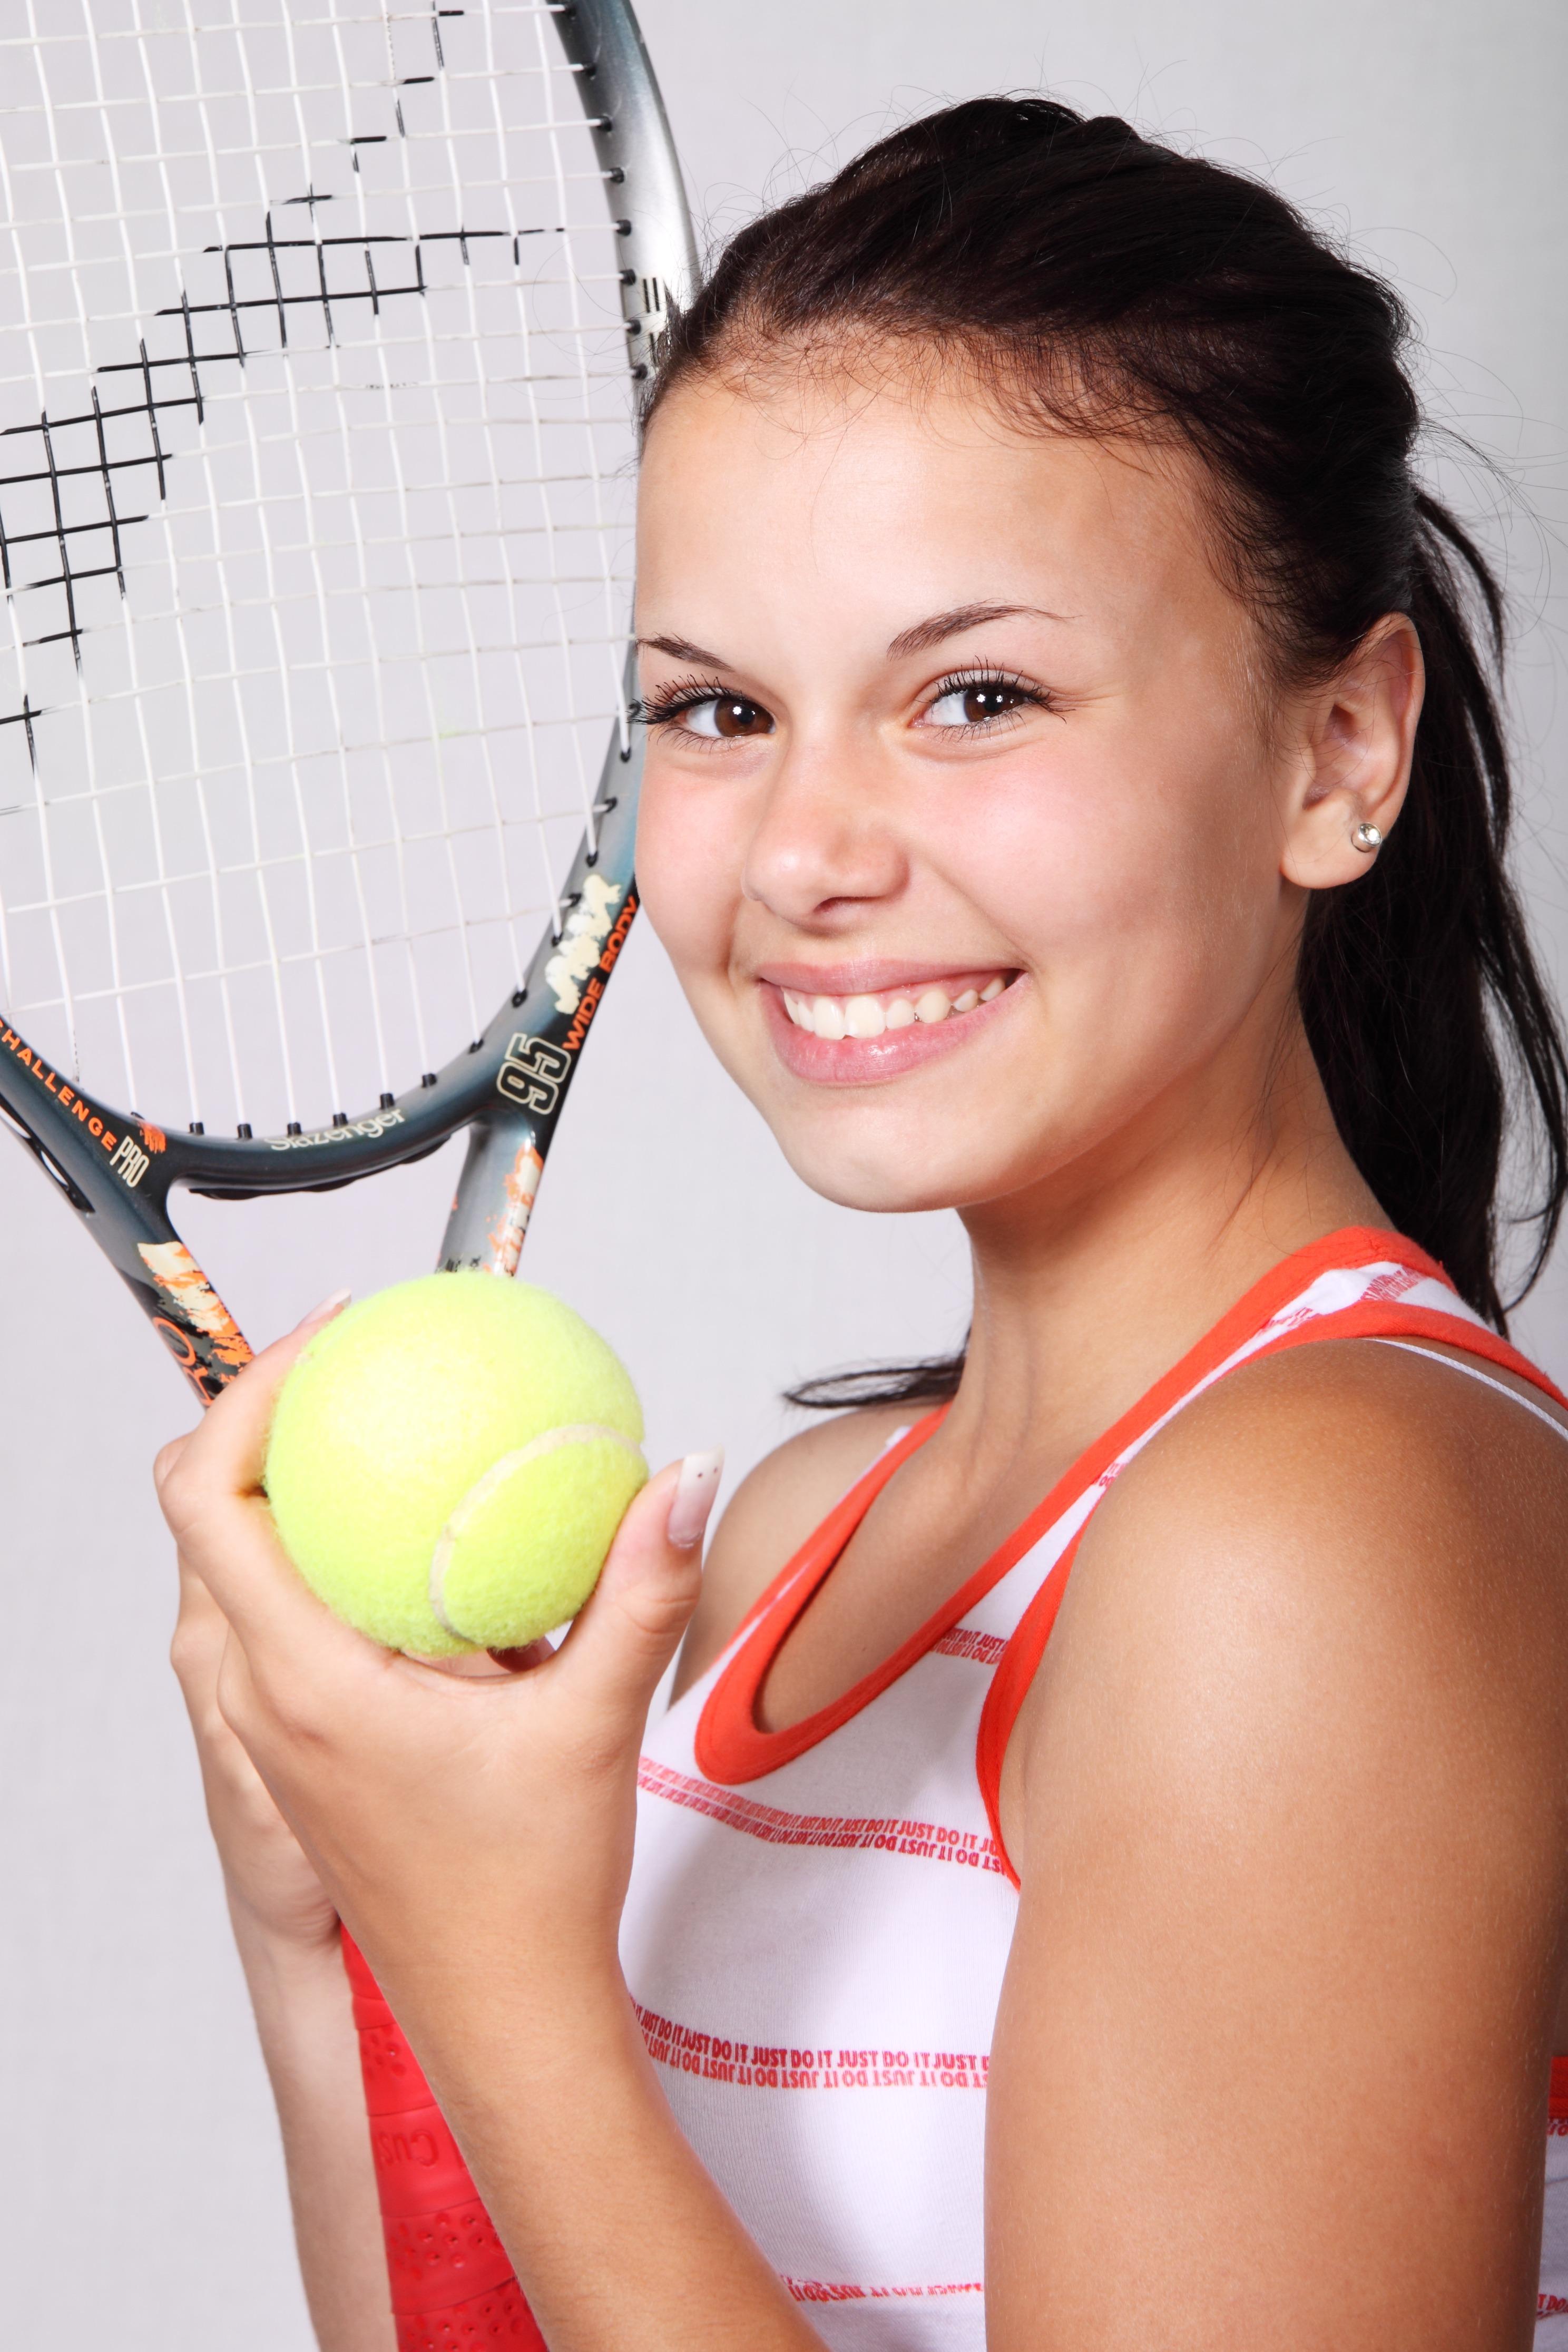 f6e130d599 persona niña mujer deporte hembra tenis pelota hermosa bonita atleta  raqueta Pelota de tenis raqueta de